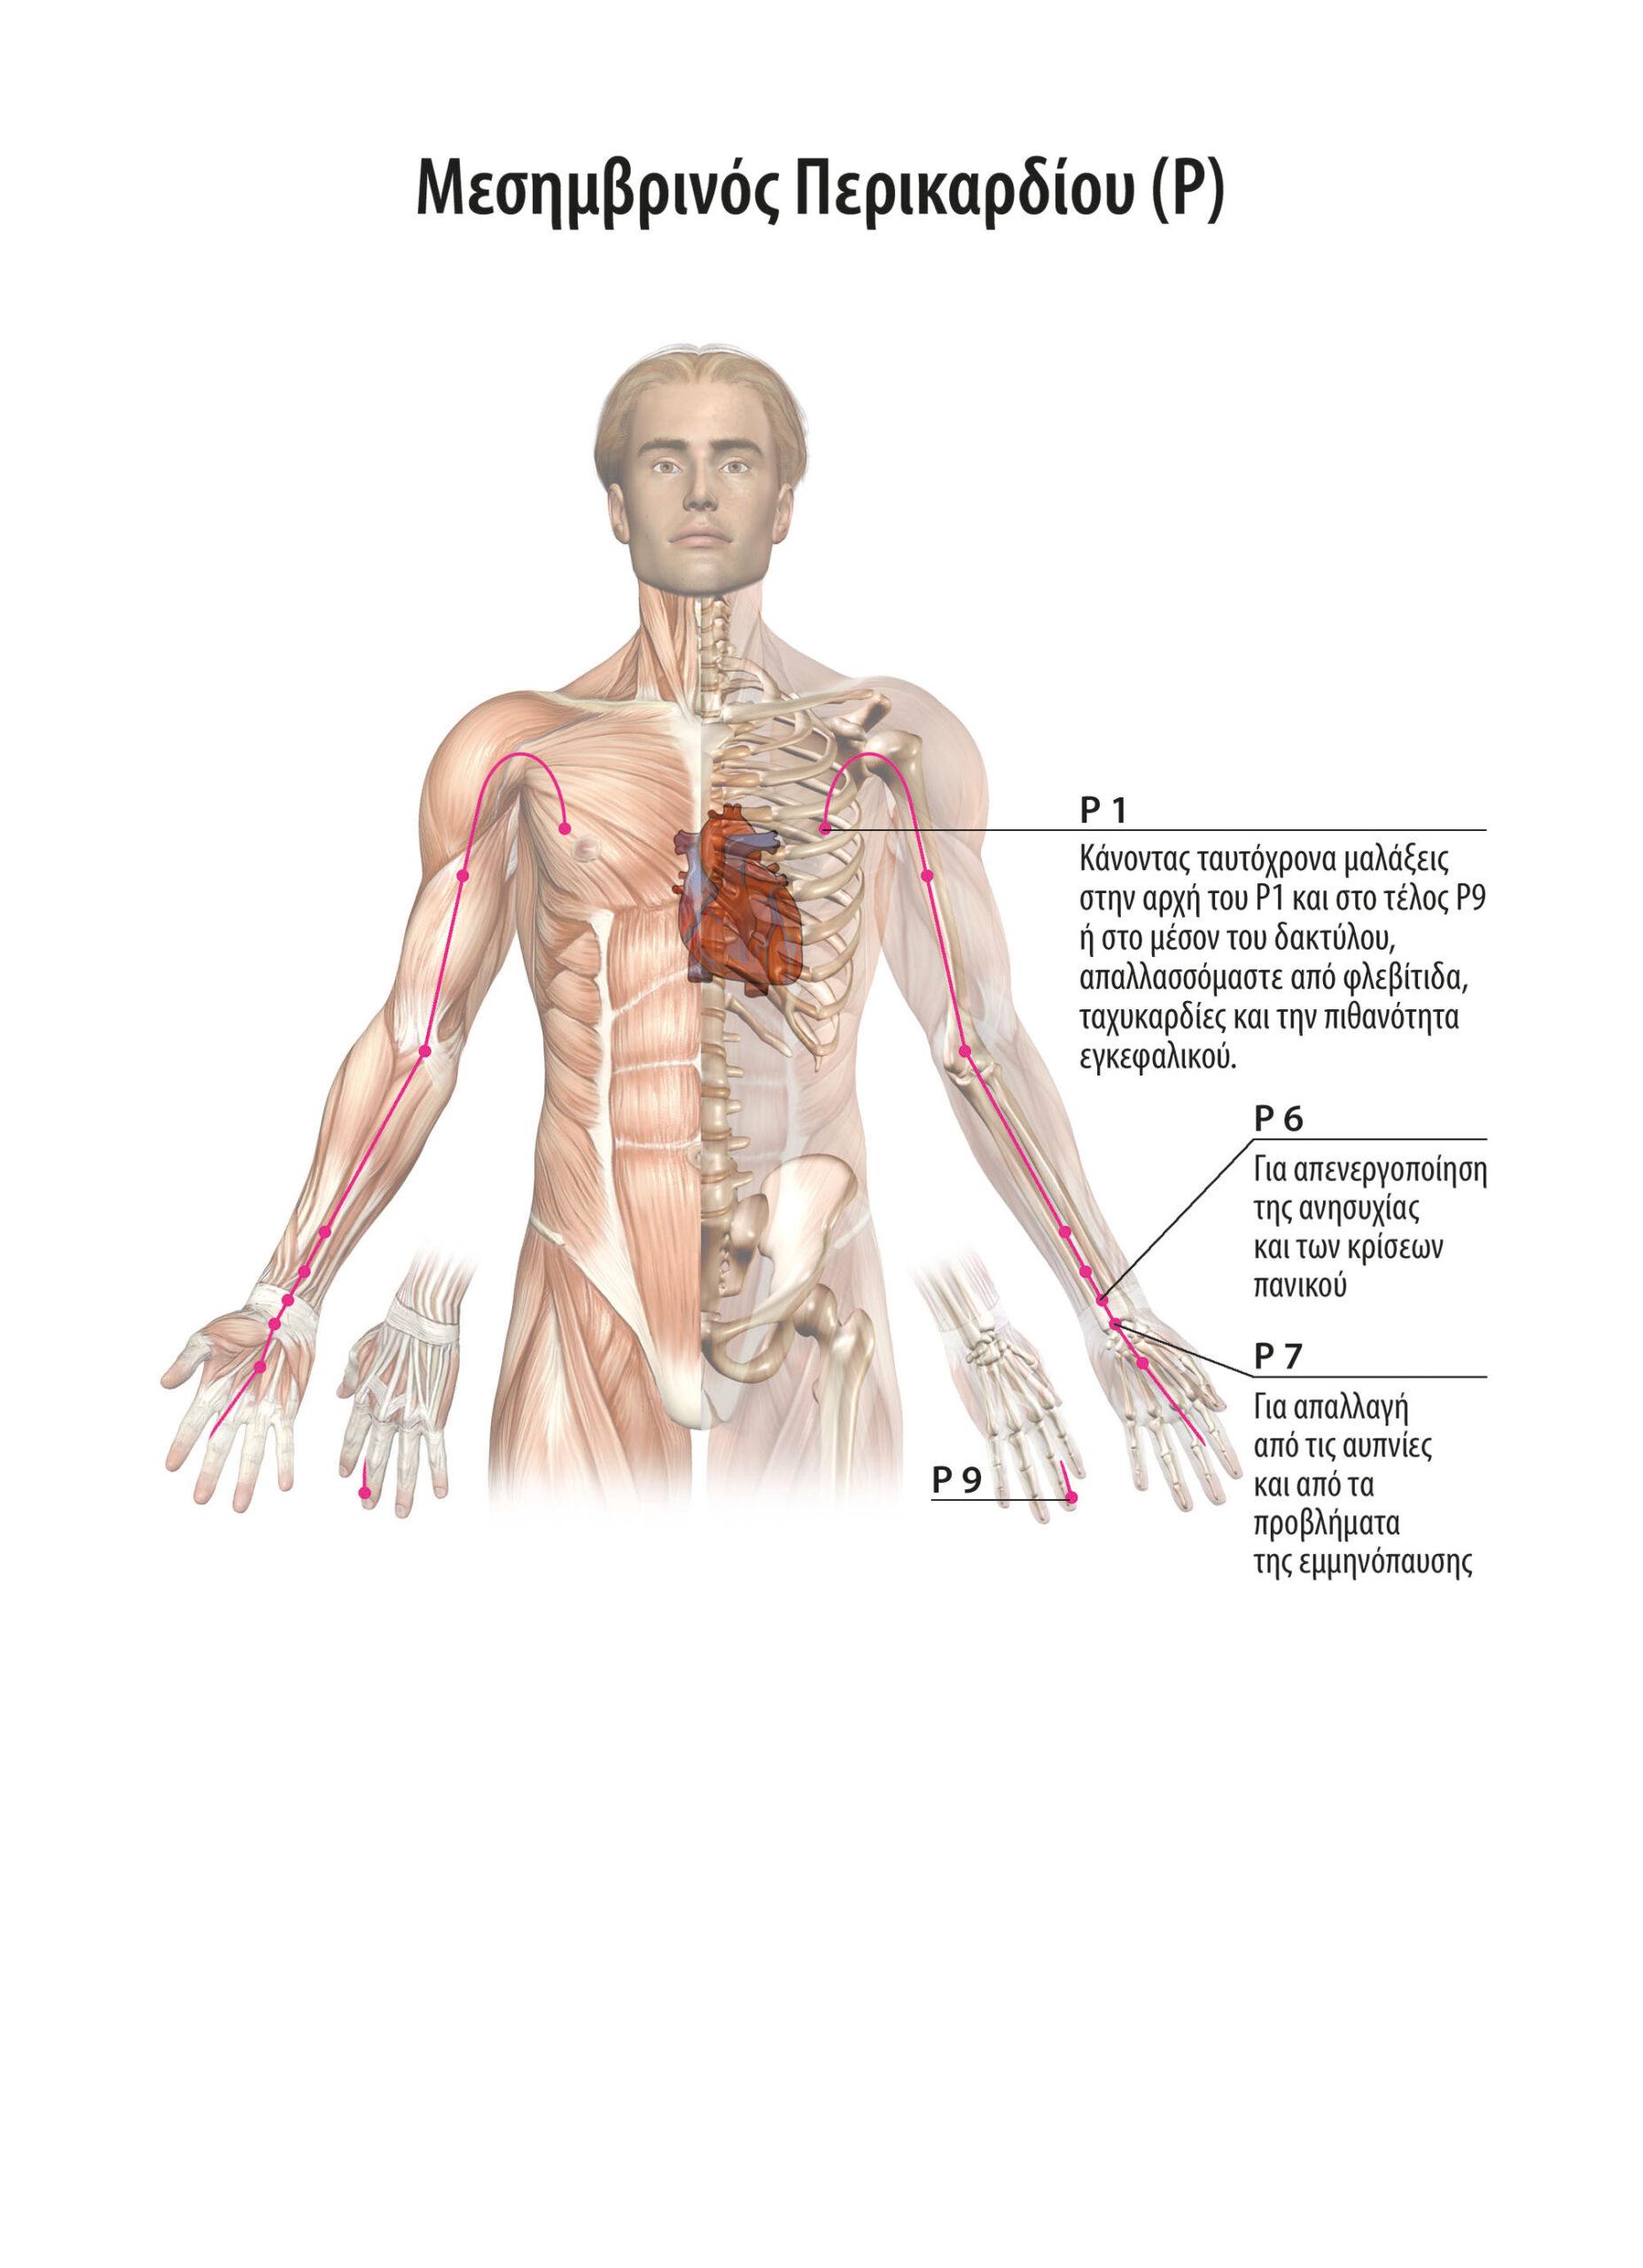 Αυτοθεραπεία από φλεβίτιτδα και ταχυκαρδία και πρόληψη εγκεφαλικού. 3